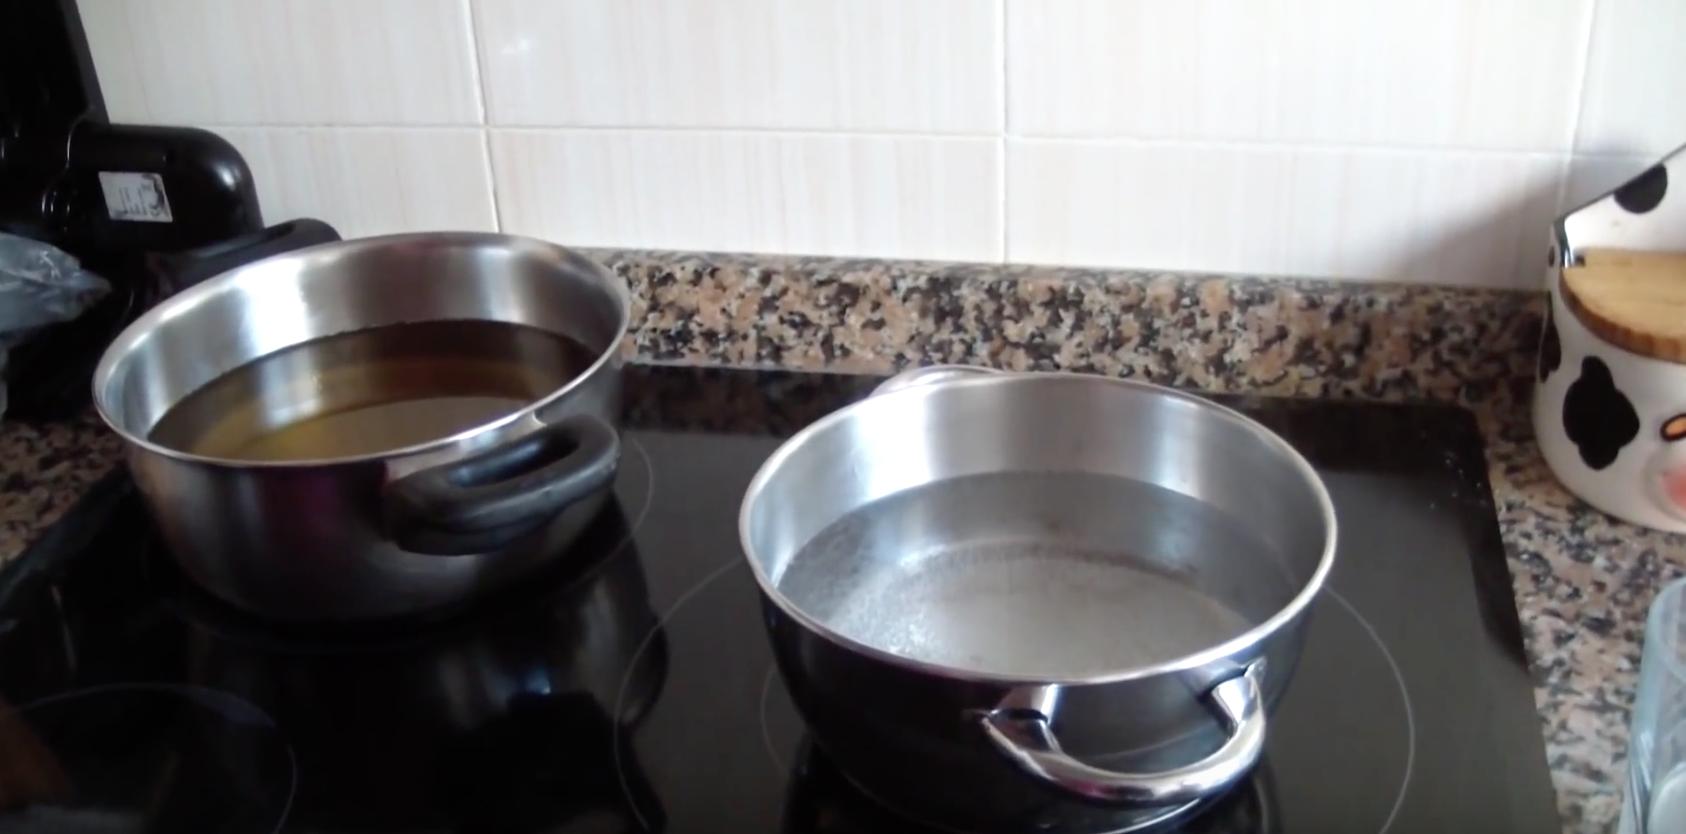 Cómo hacer tu propio jabón casero de forma rápida y barata